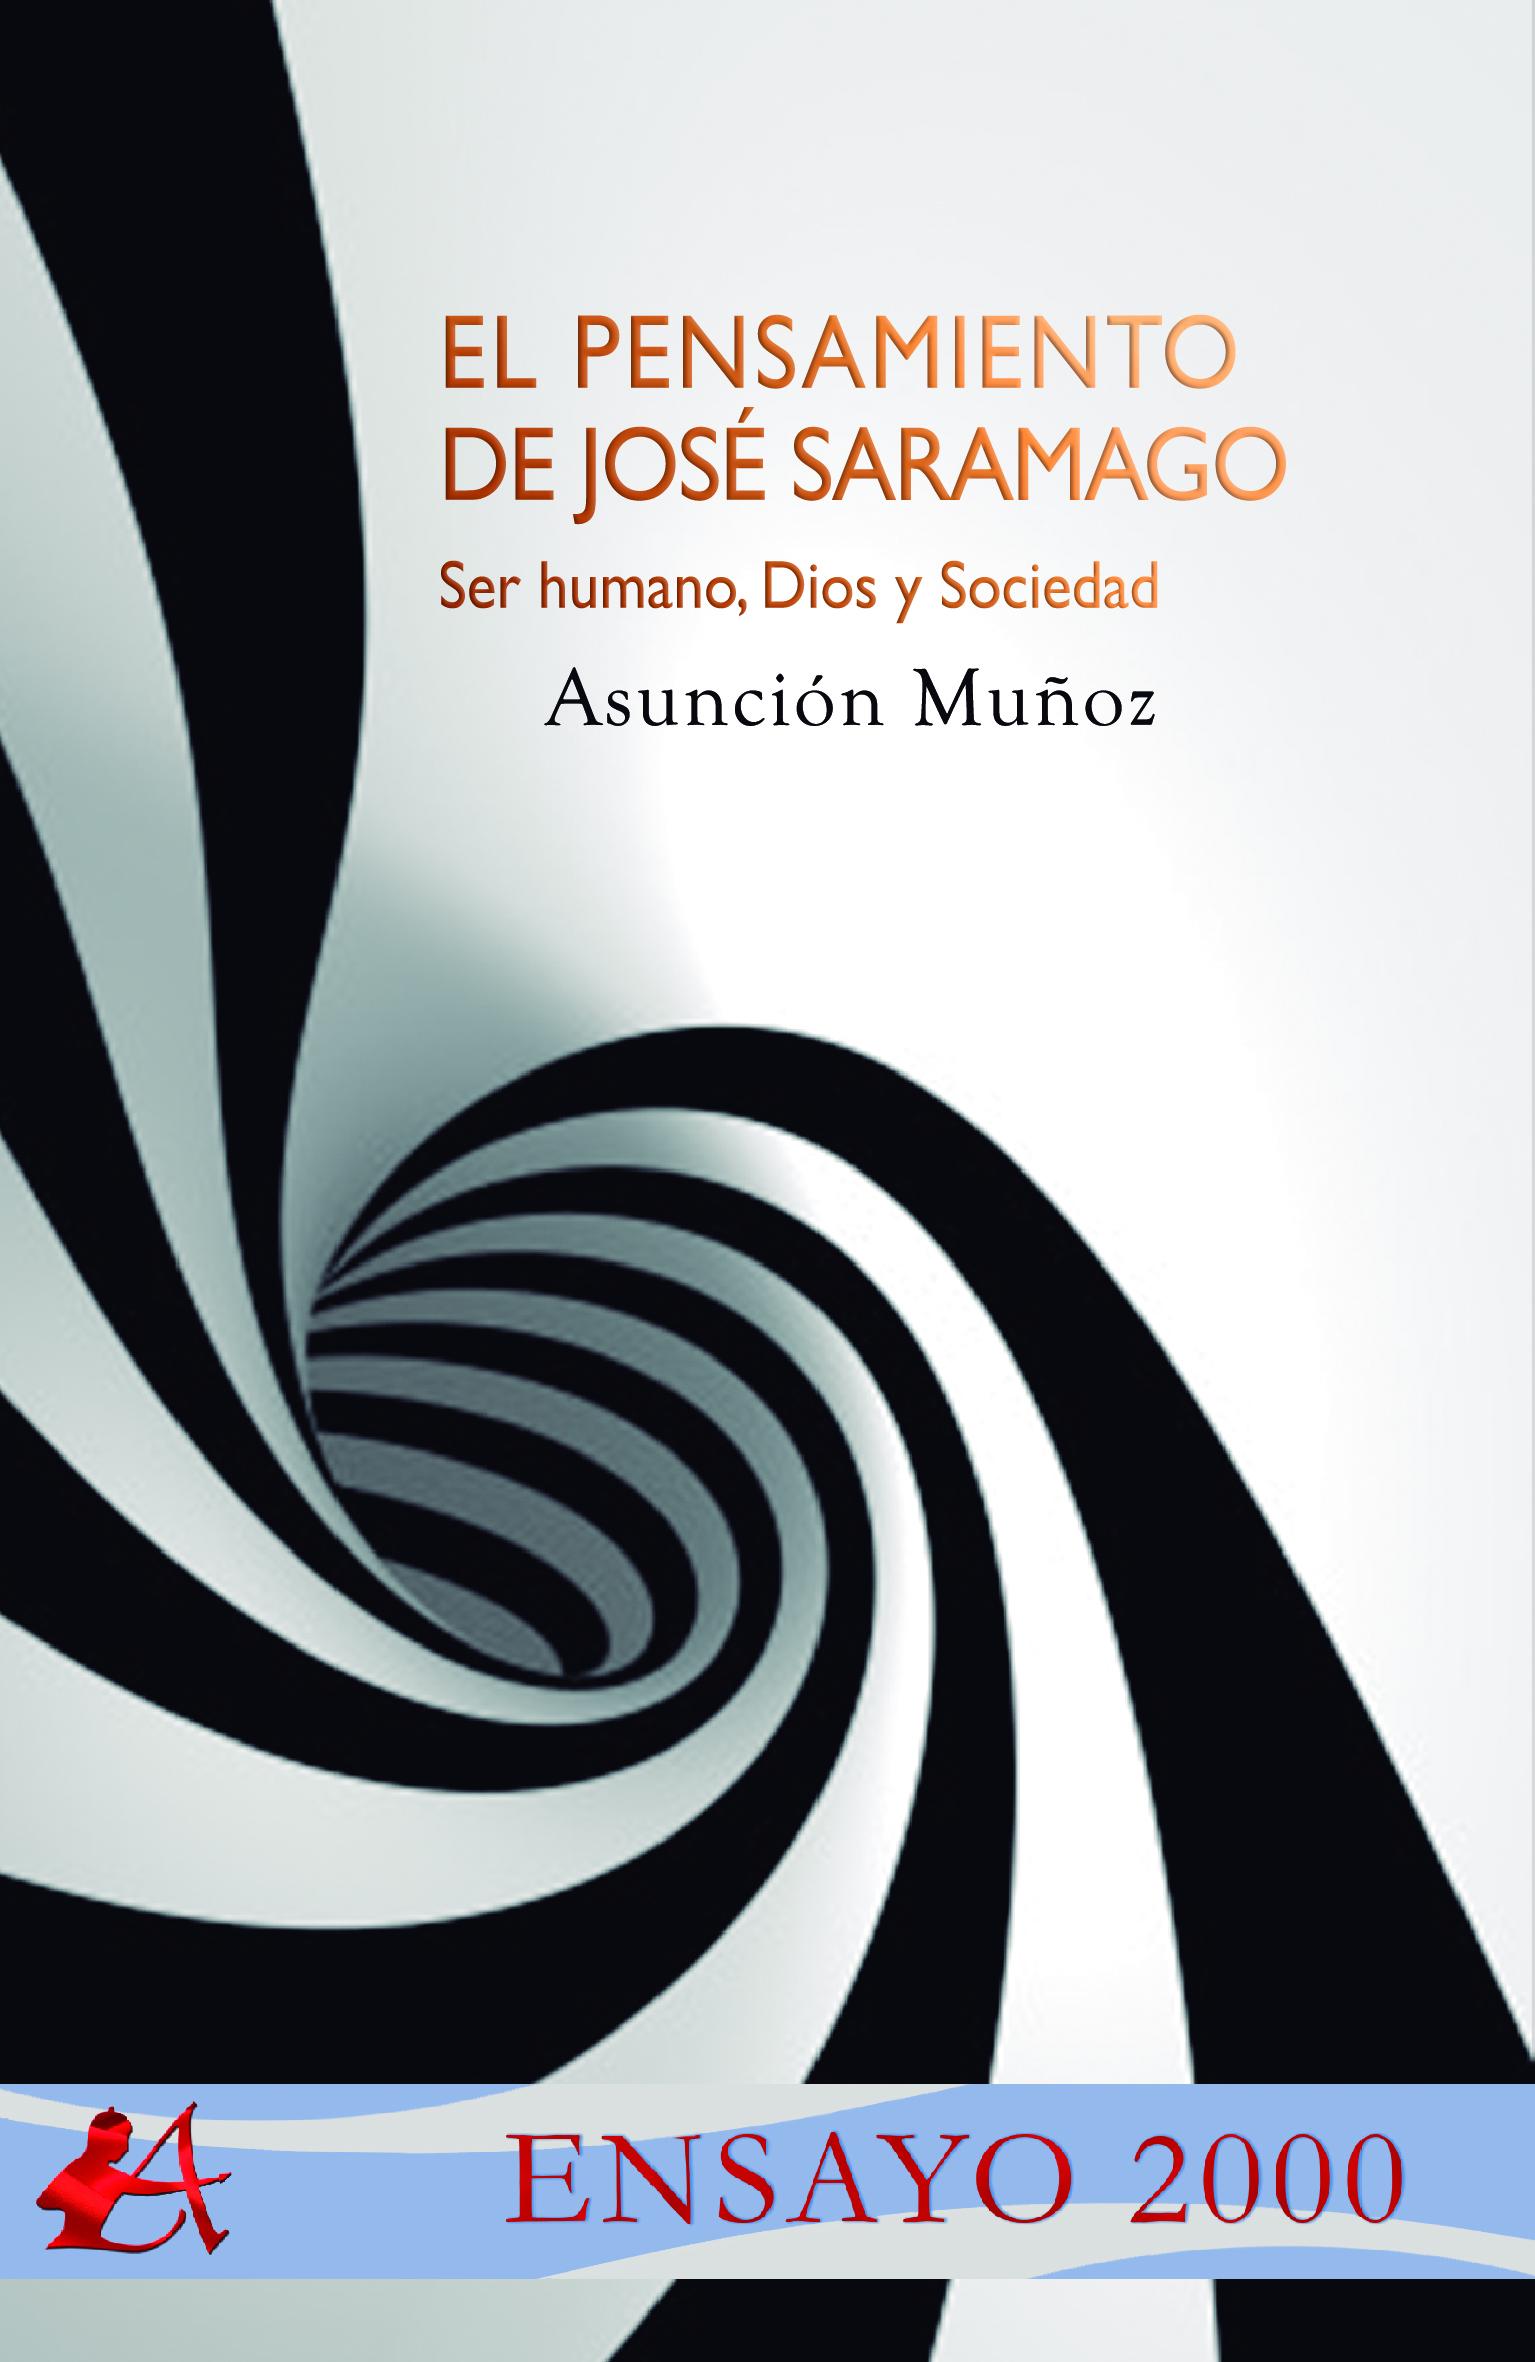 Grupoes editoriales españoles. Libro sobre Saramago